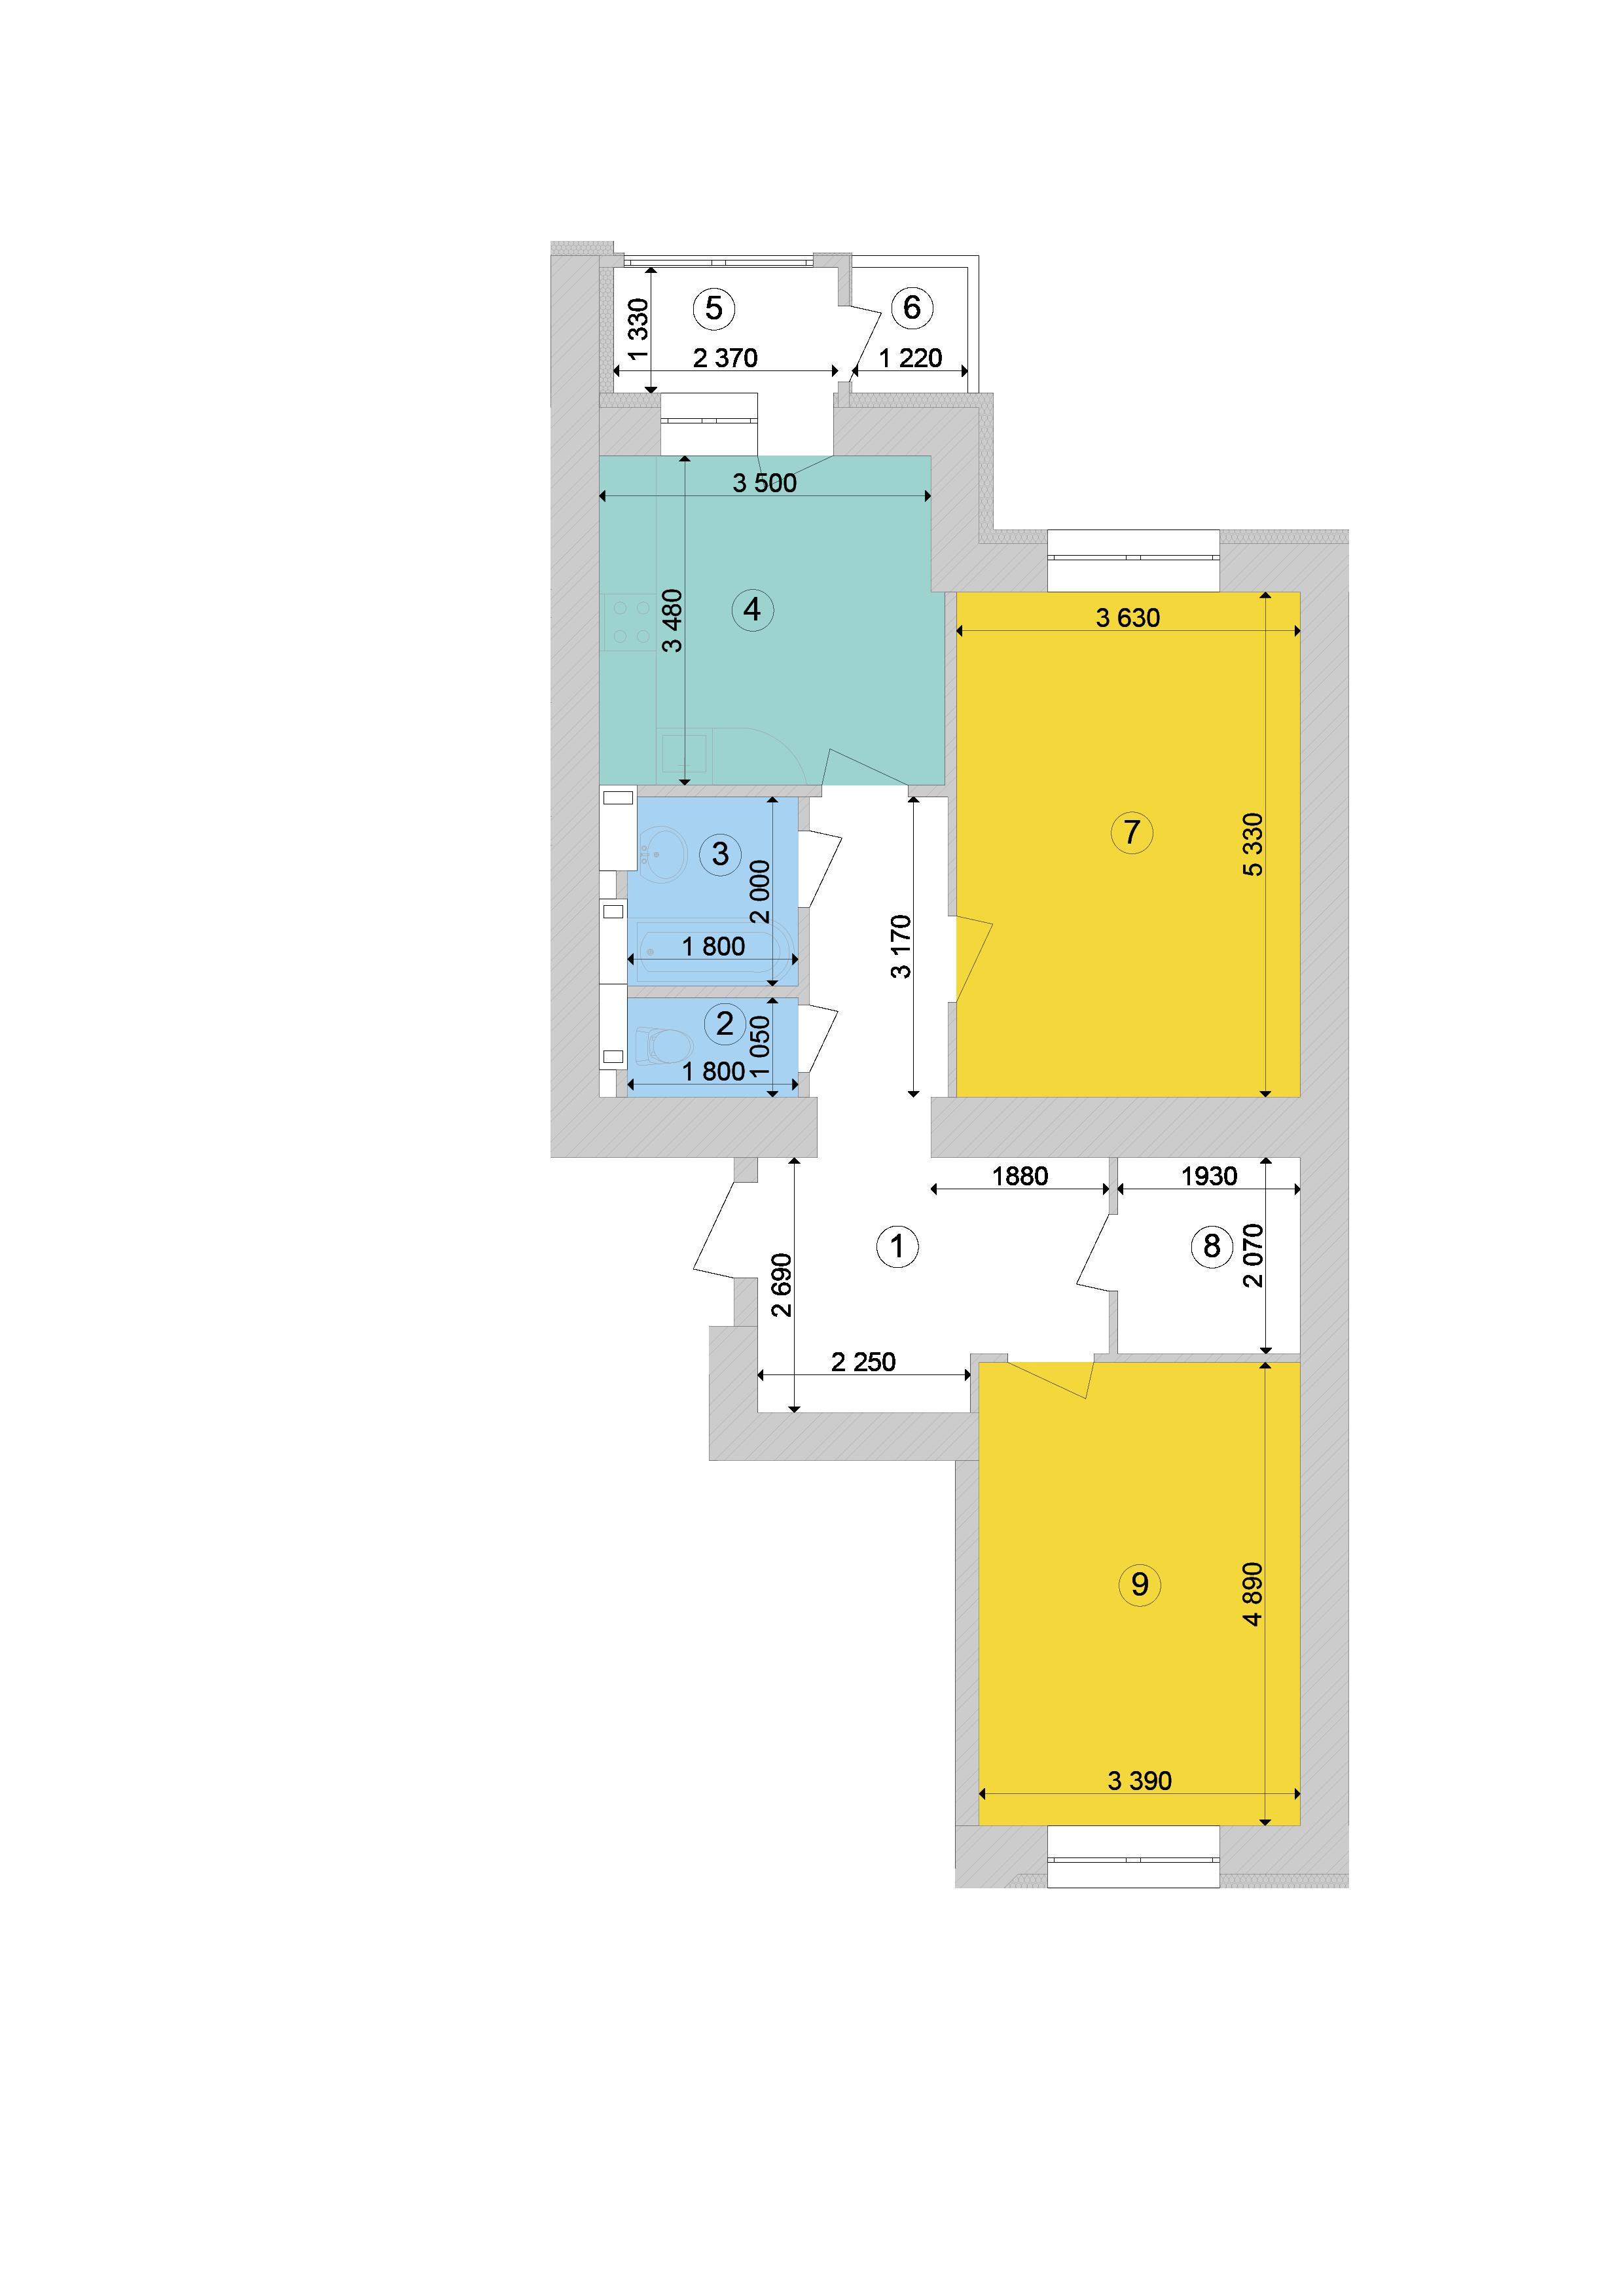 Купити Двокімнатна квартира 73.86 кв.м., тип 2.3, будинок 1, секція 8 в Києві Голосіївський район